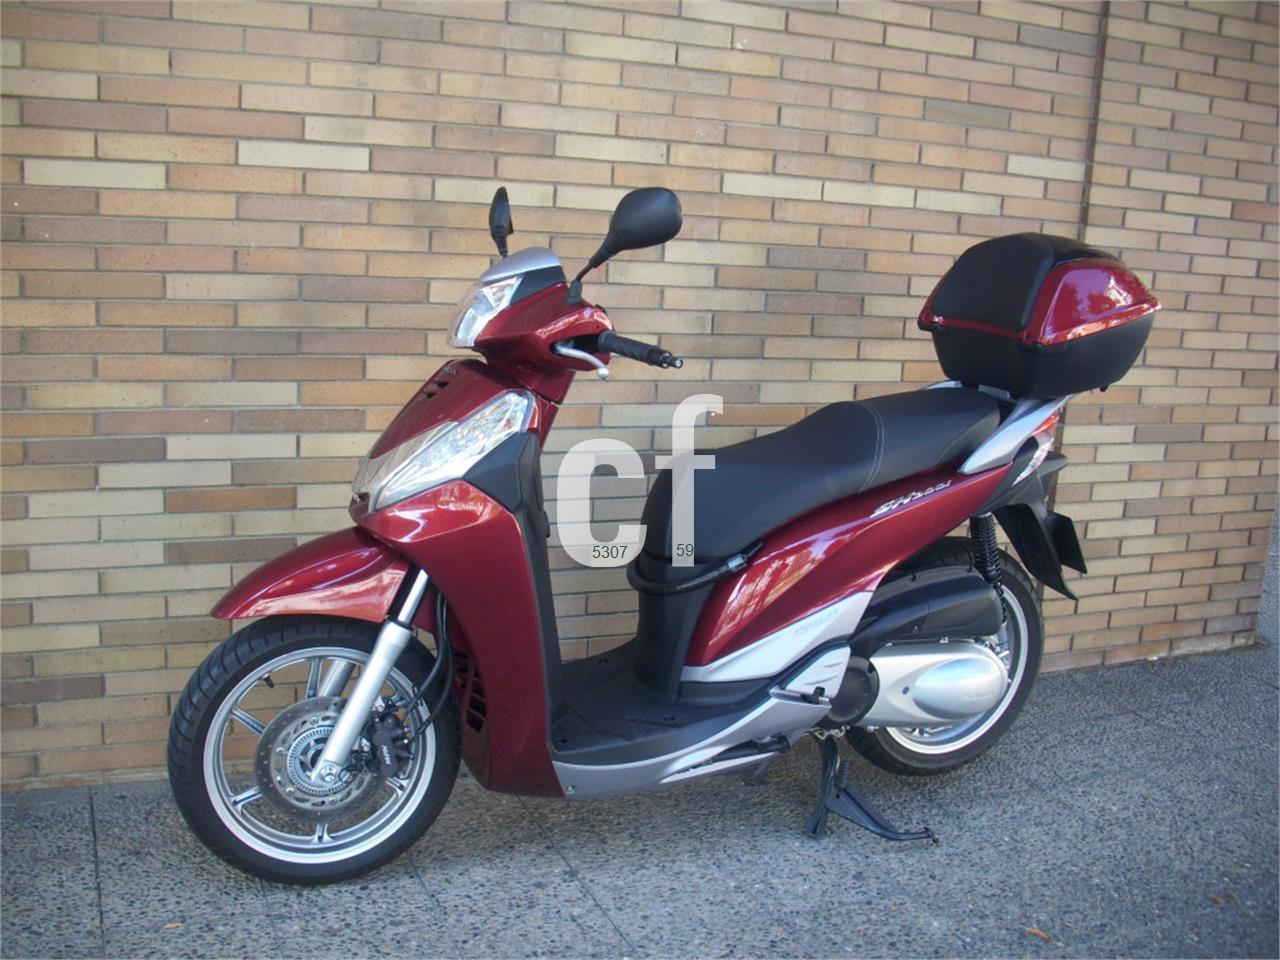 HONDA SCOOPY SH300i ABS Top Box de venta